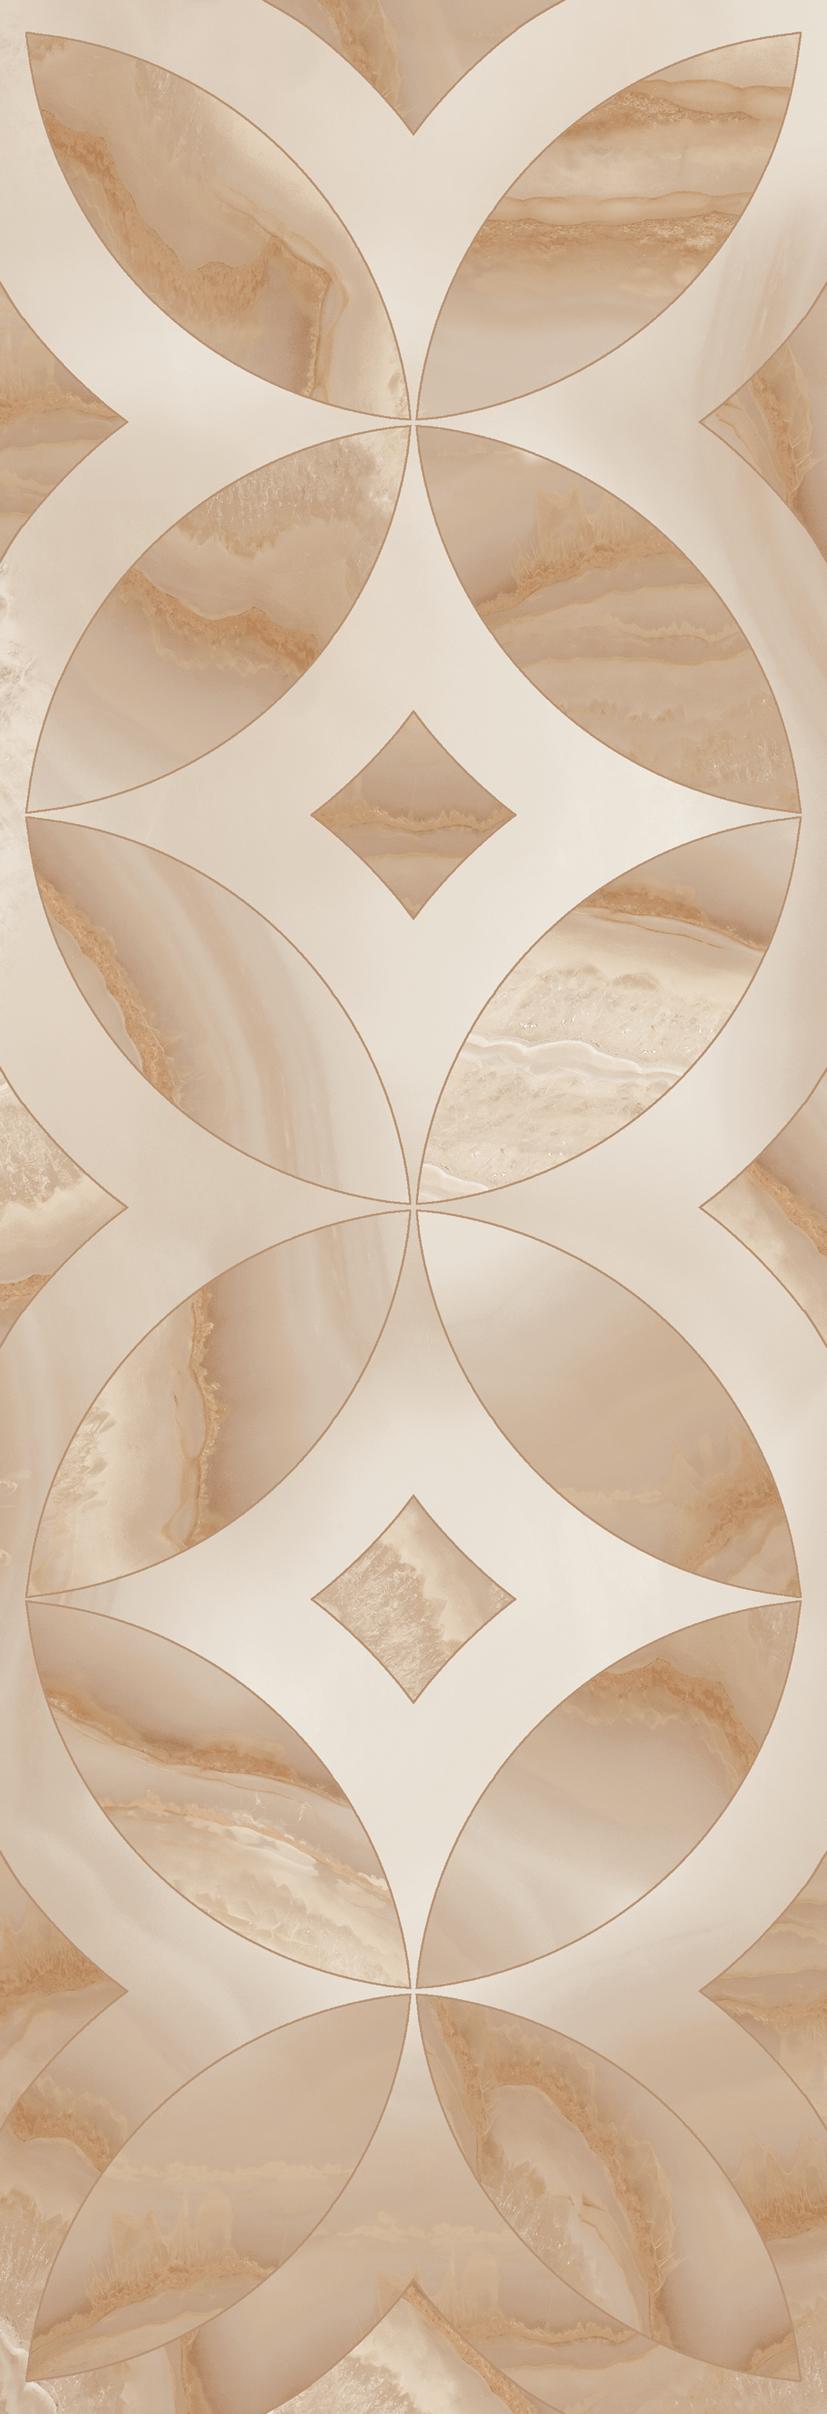 płytka gresowa dekoracyjna 30x90  Aparici Beyond Beige Decor